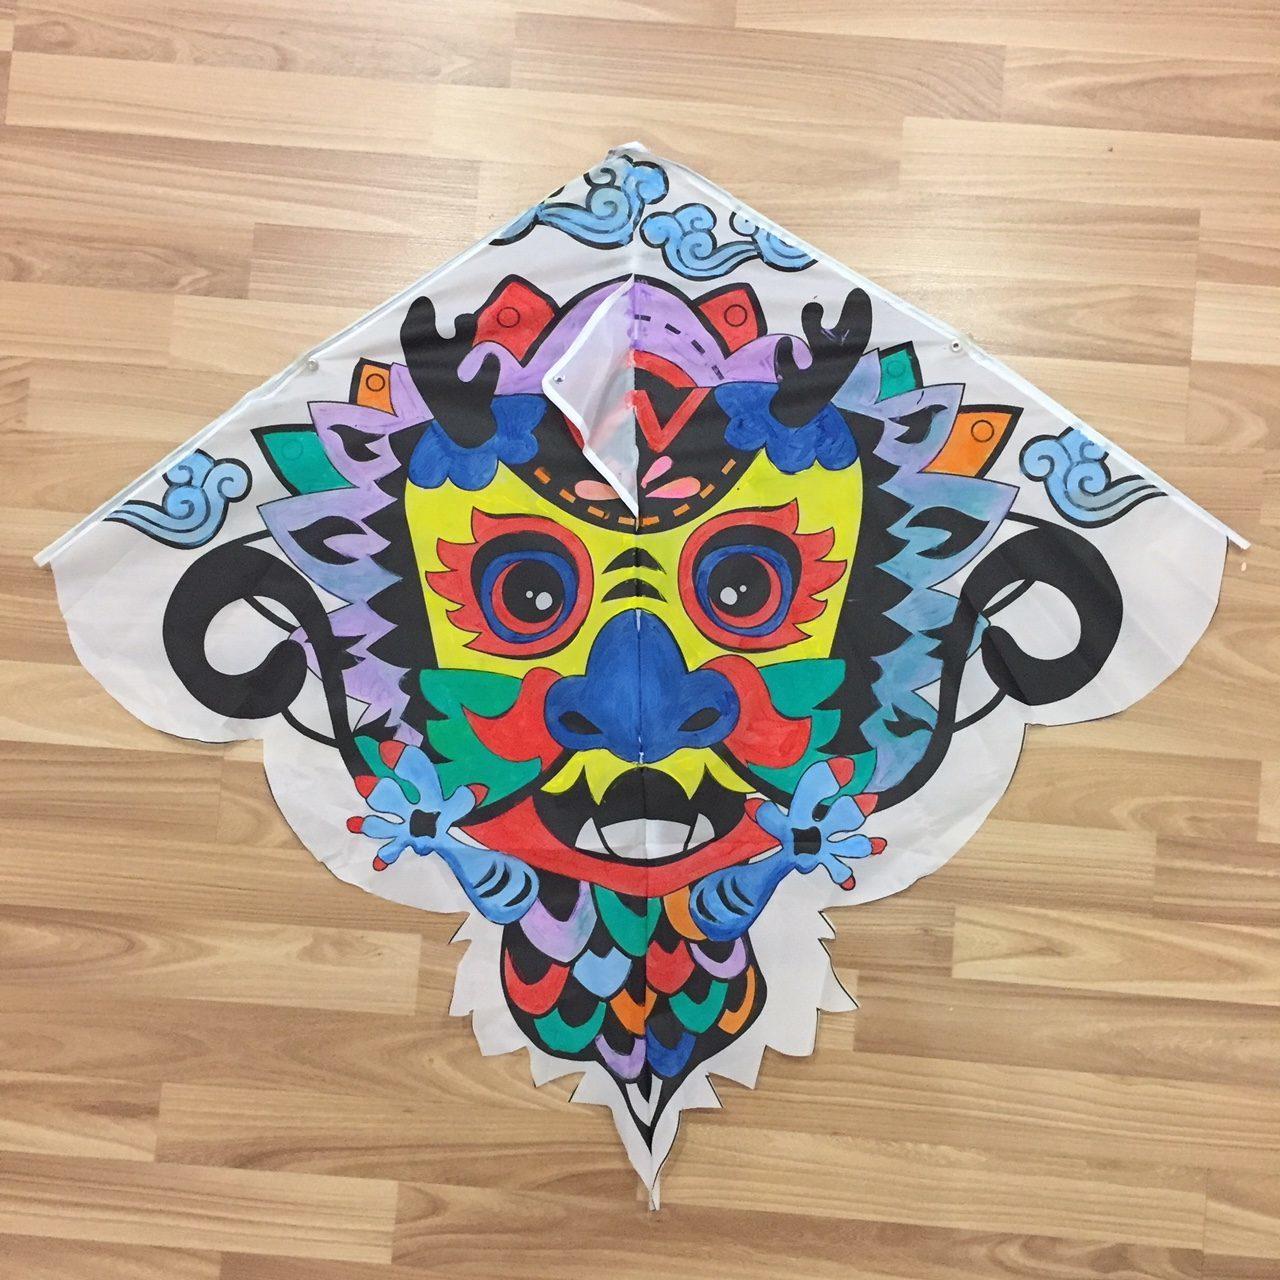 Kite Painting Exemplar